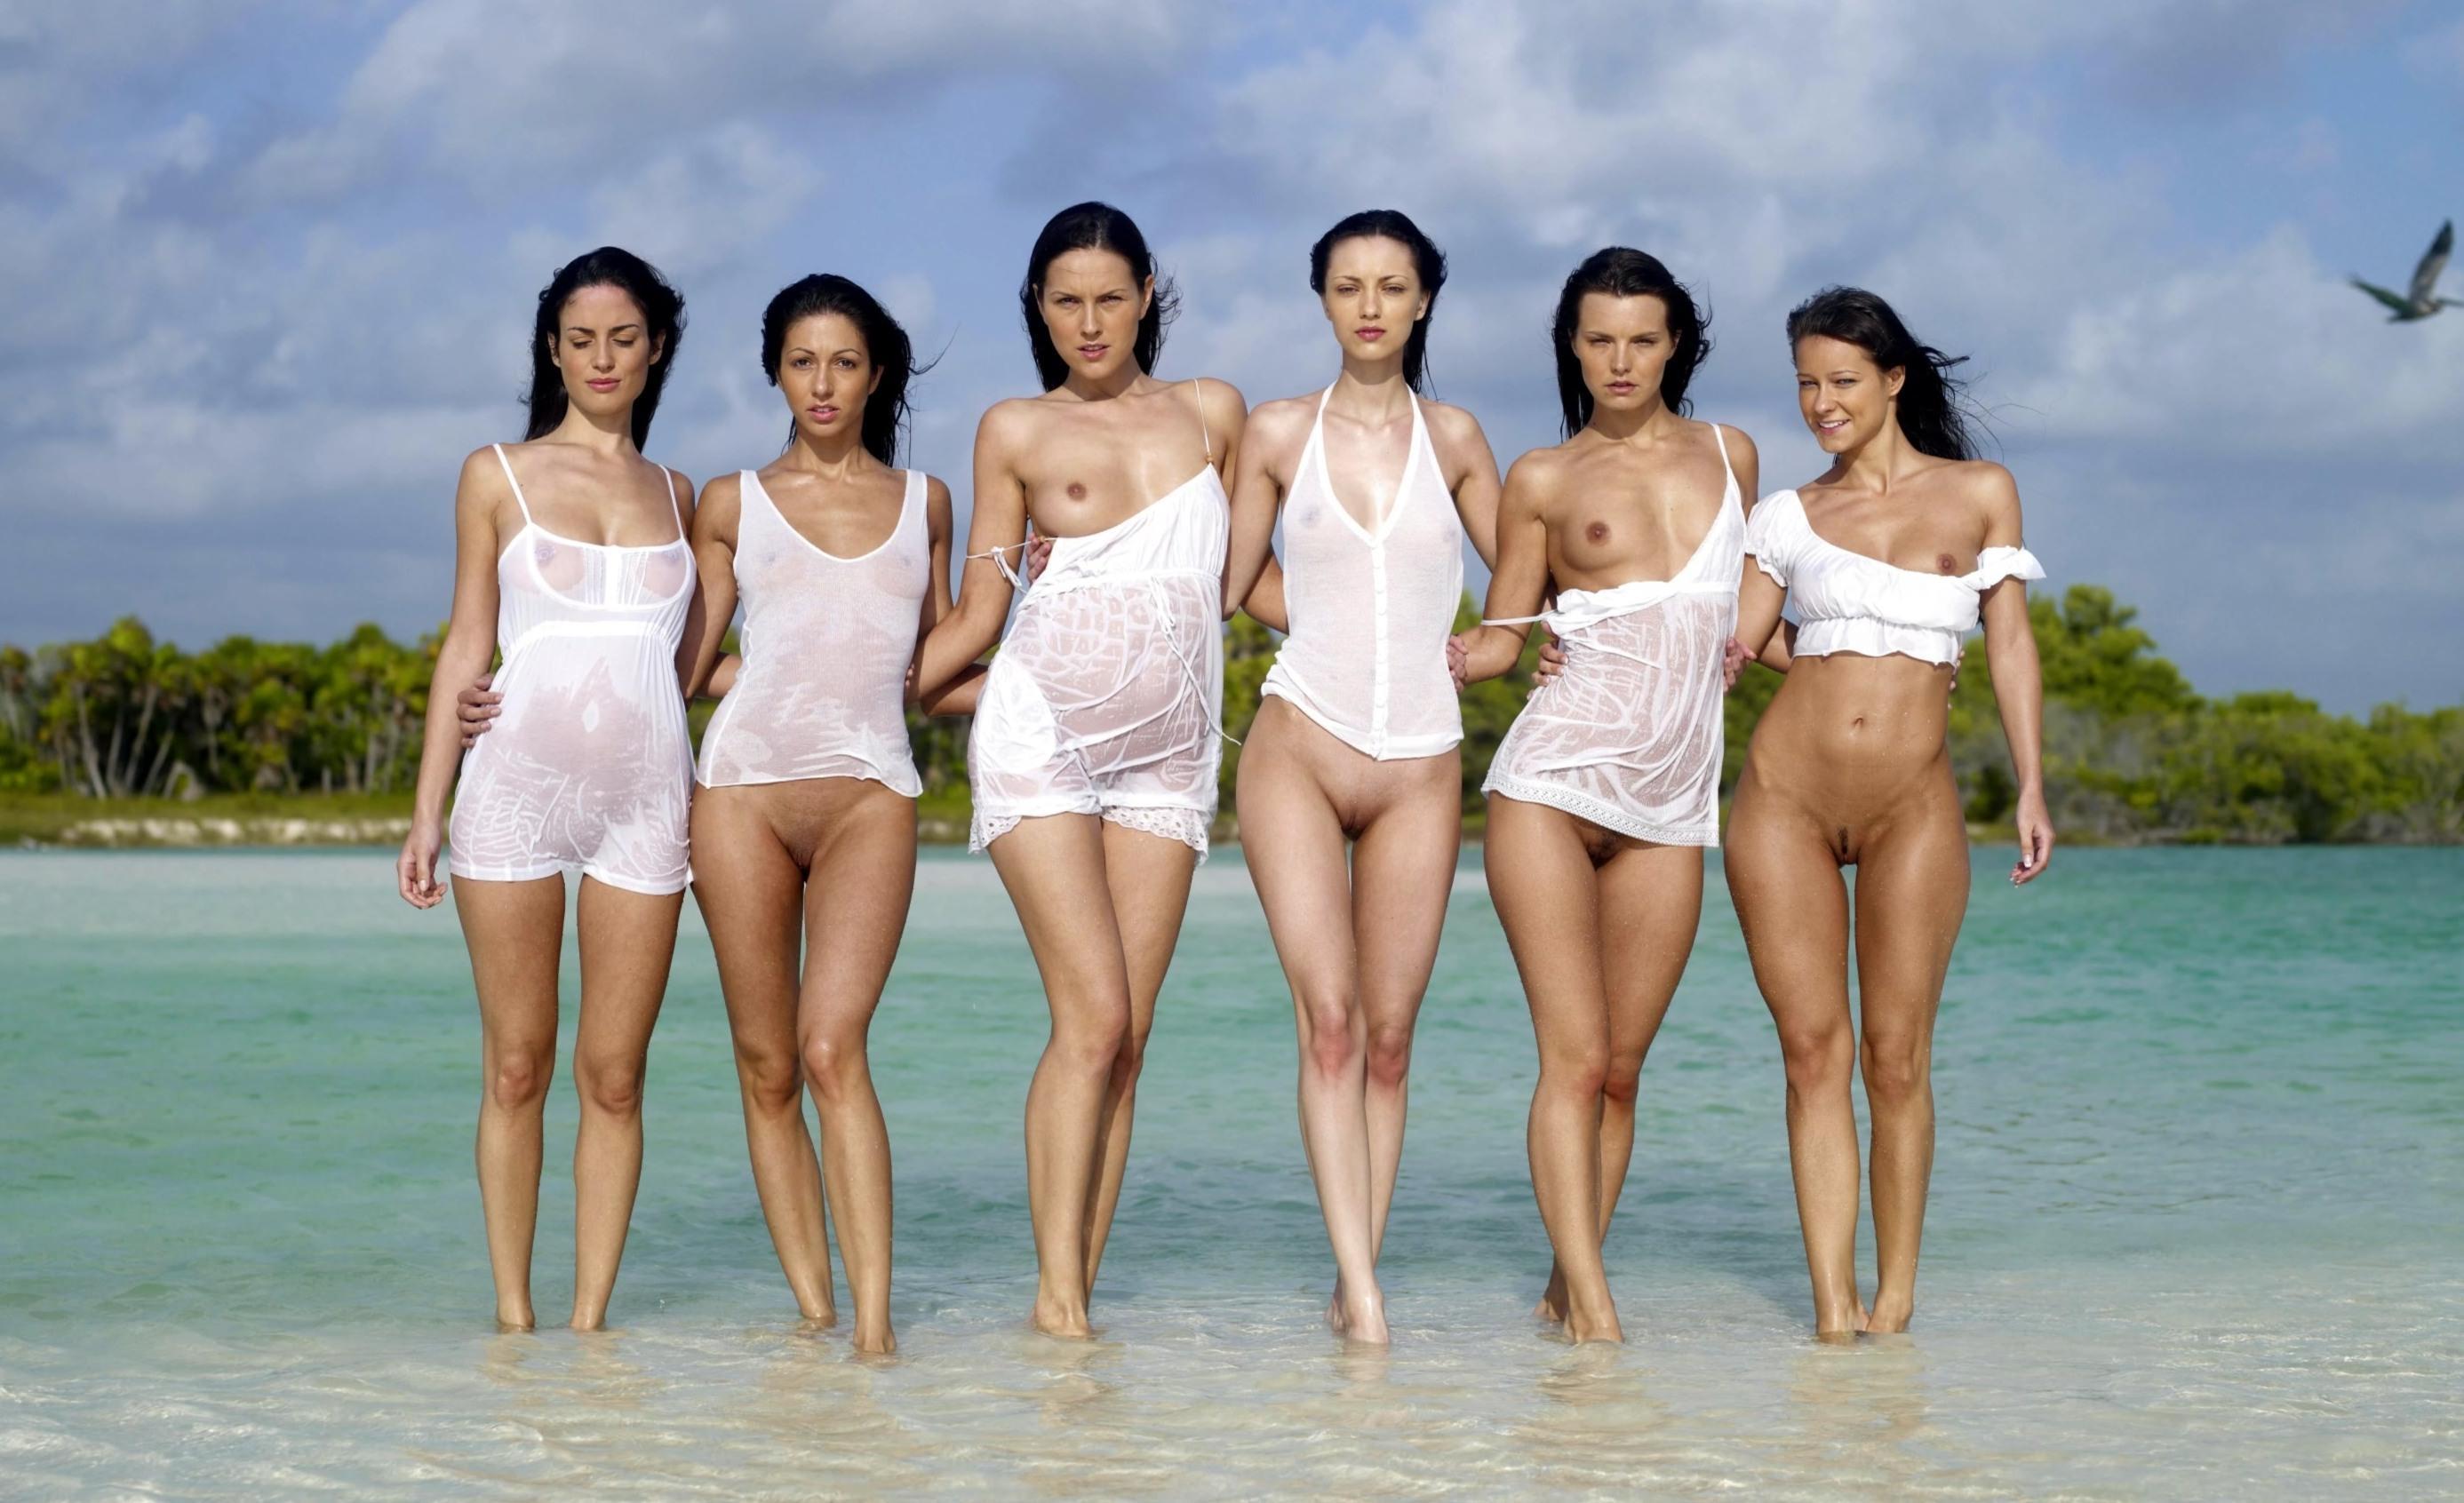 Фото Шесть раскрепощенных девушек в белых майках и платьях в воде, девушки без трусиков показали сиськи и пезды, море, пляж, скачать картинку бесплатно